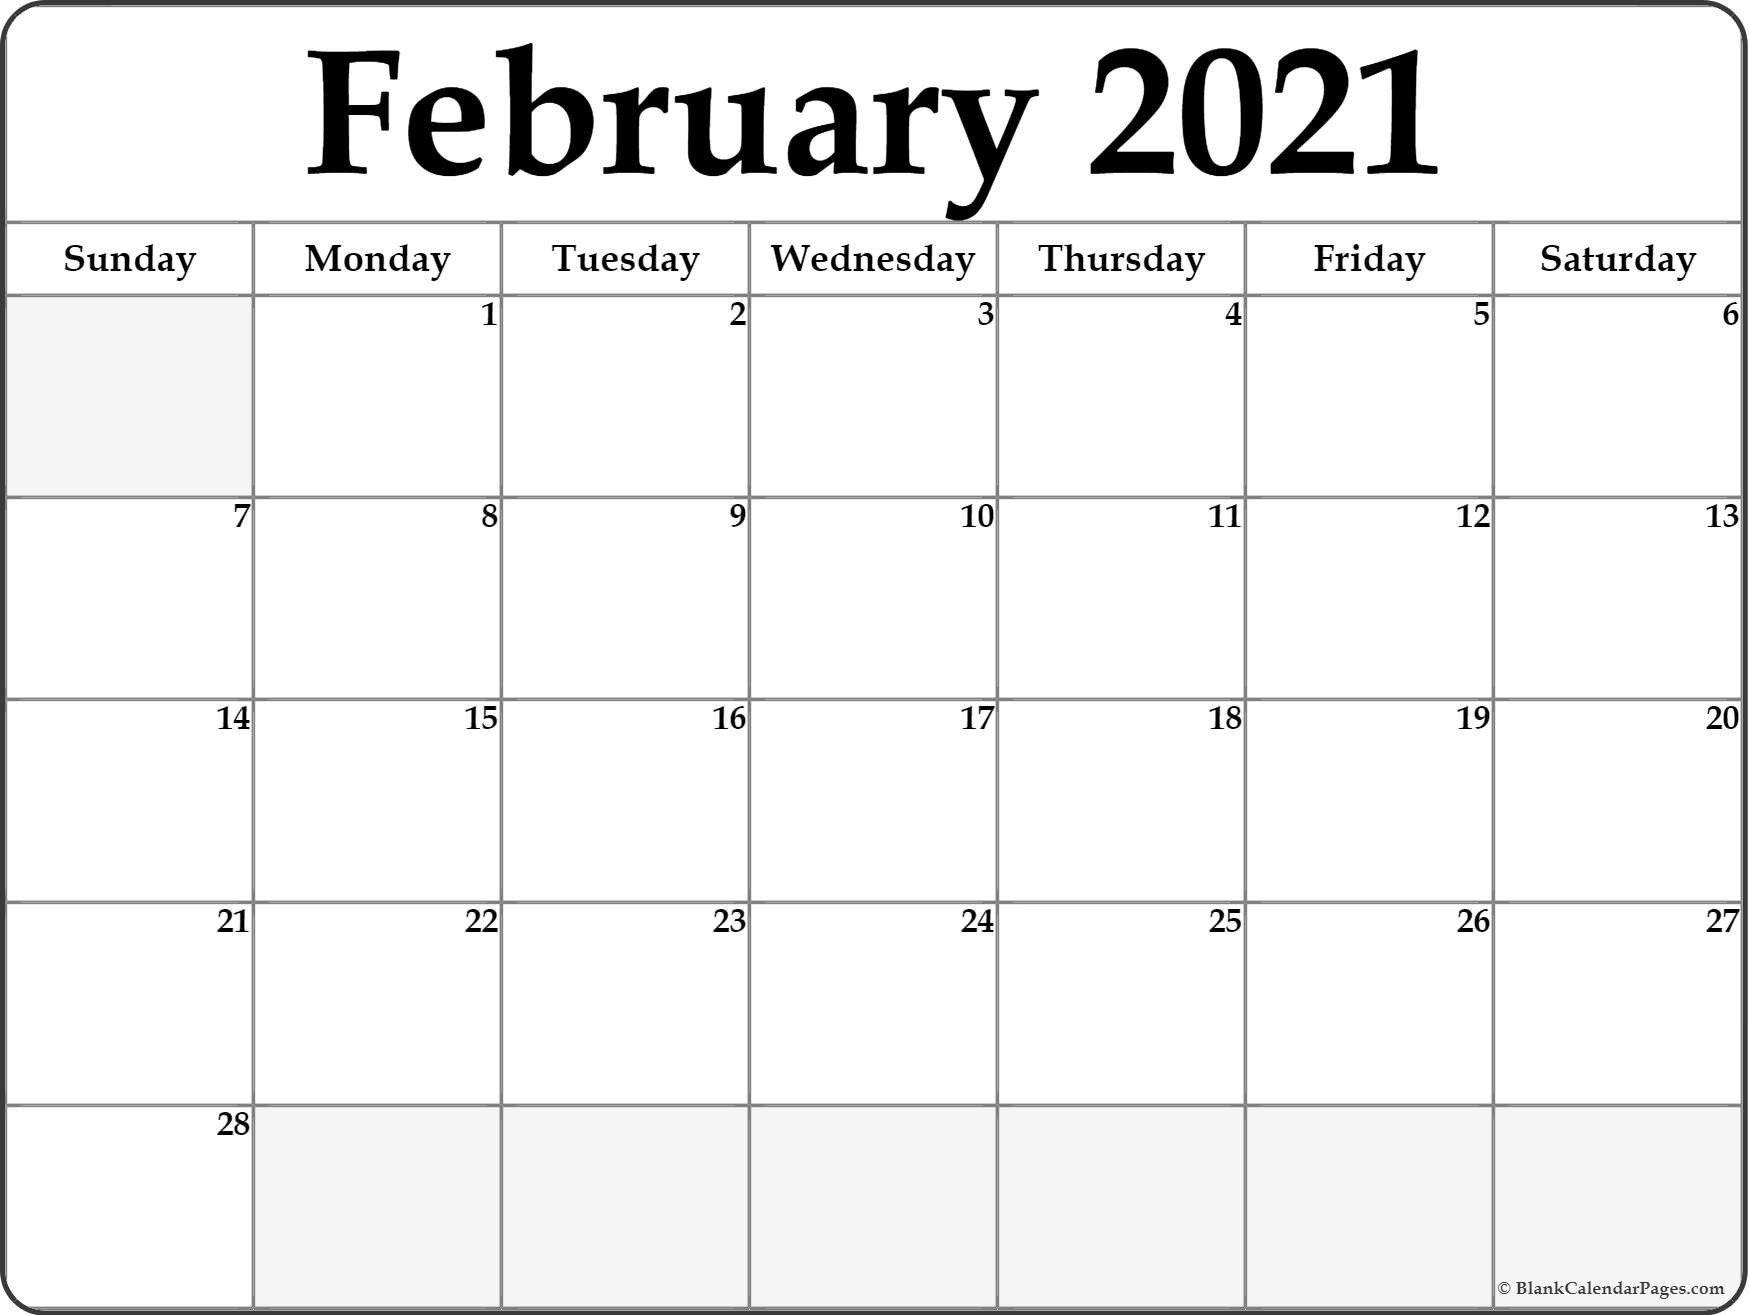 Calendar February 2021 Editable Planner In 2020 | February intended for 2021 Fillable Calendar Free Printable